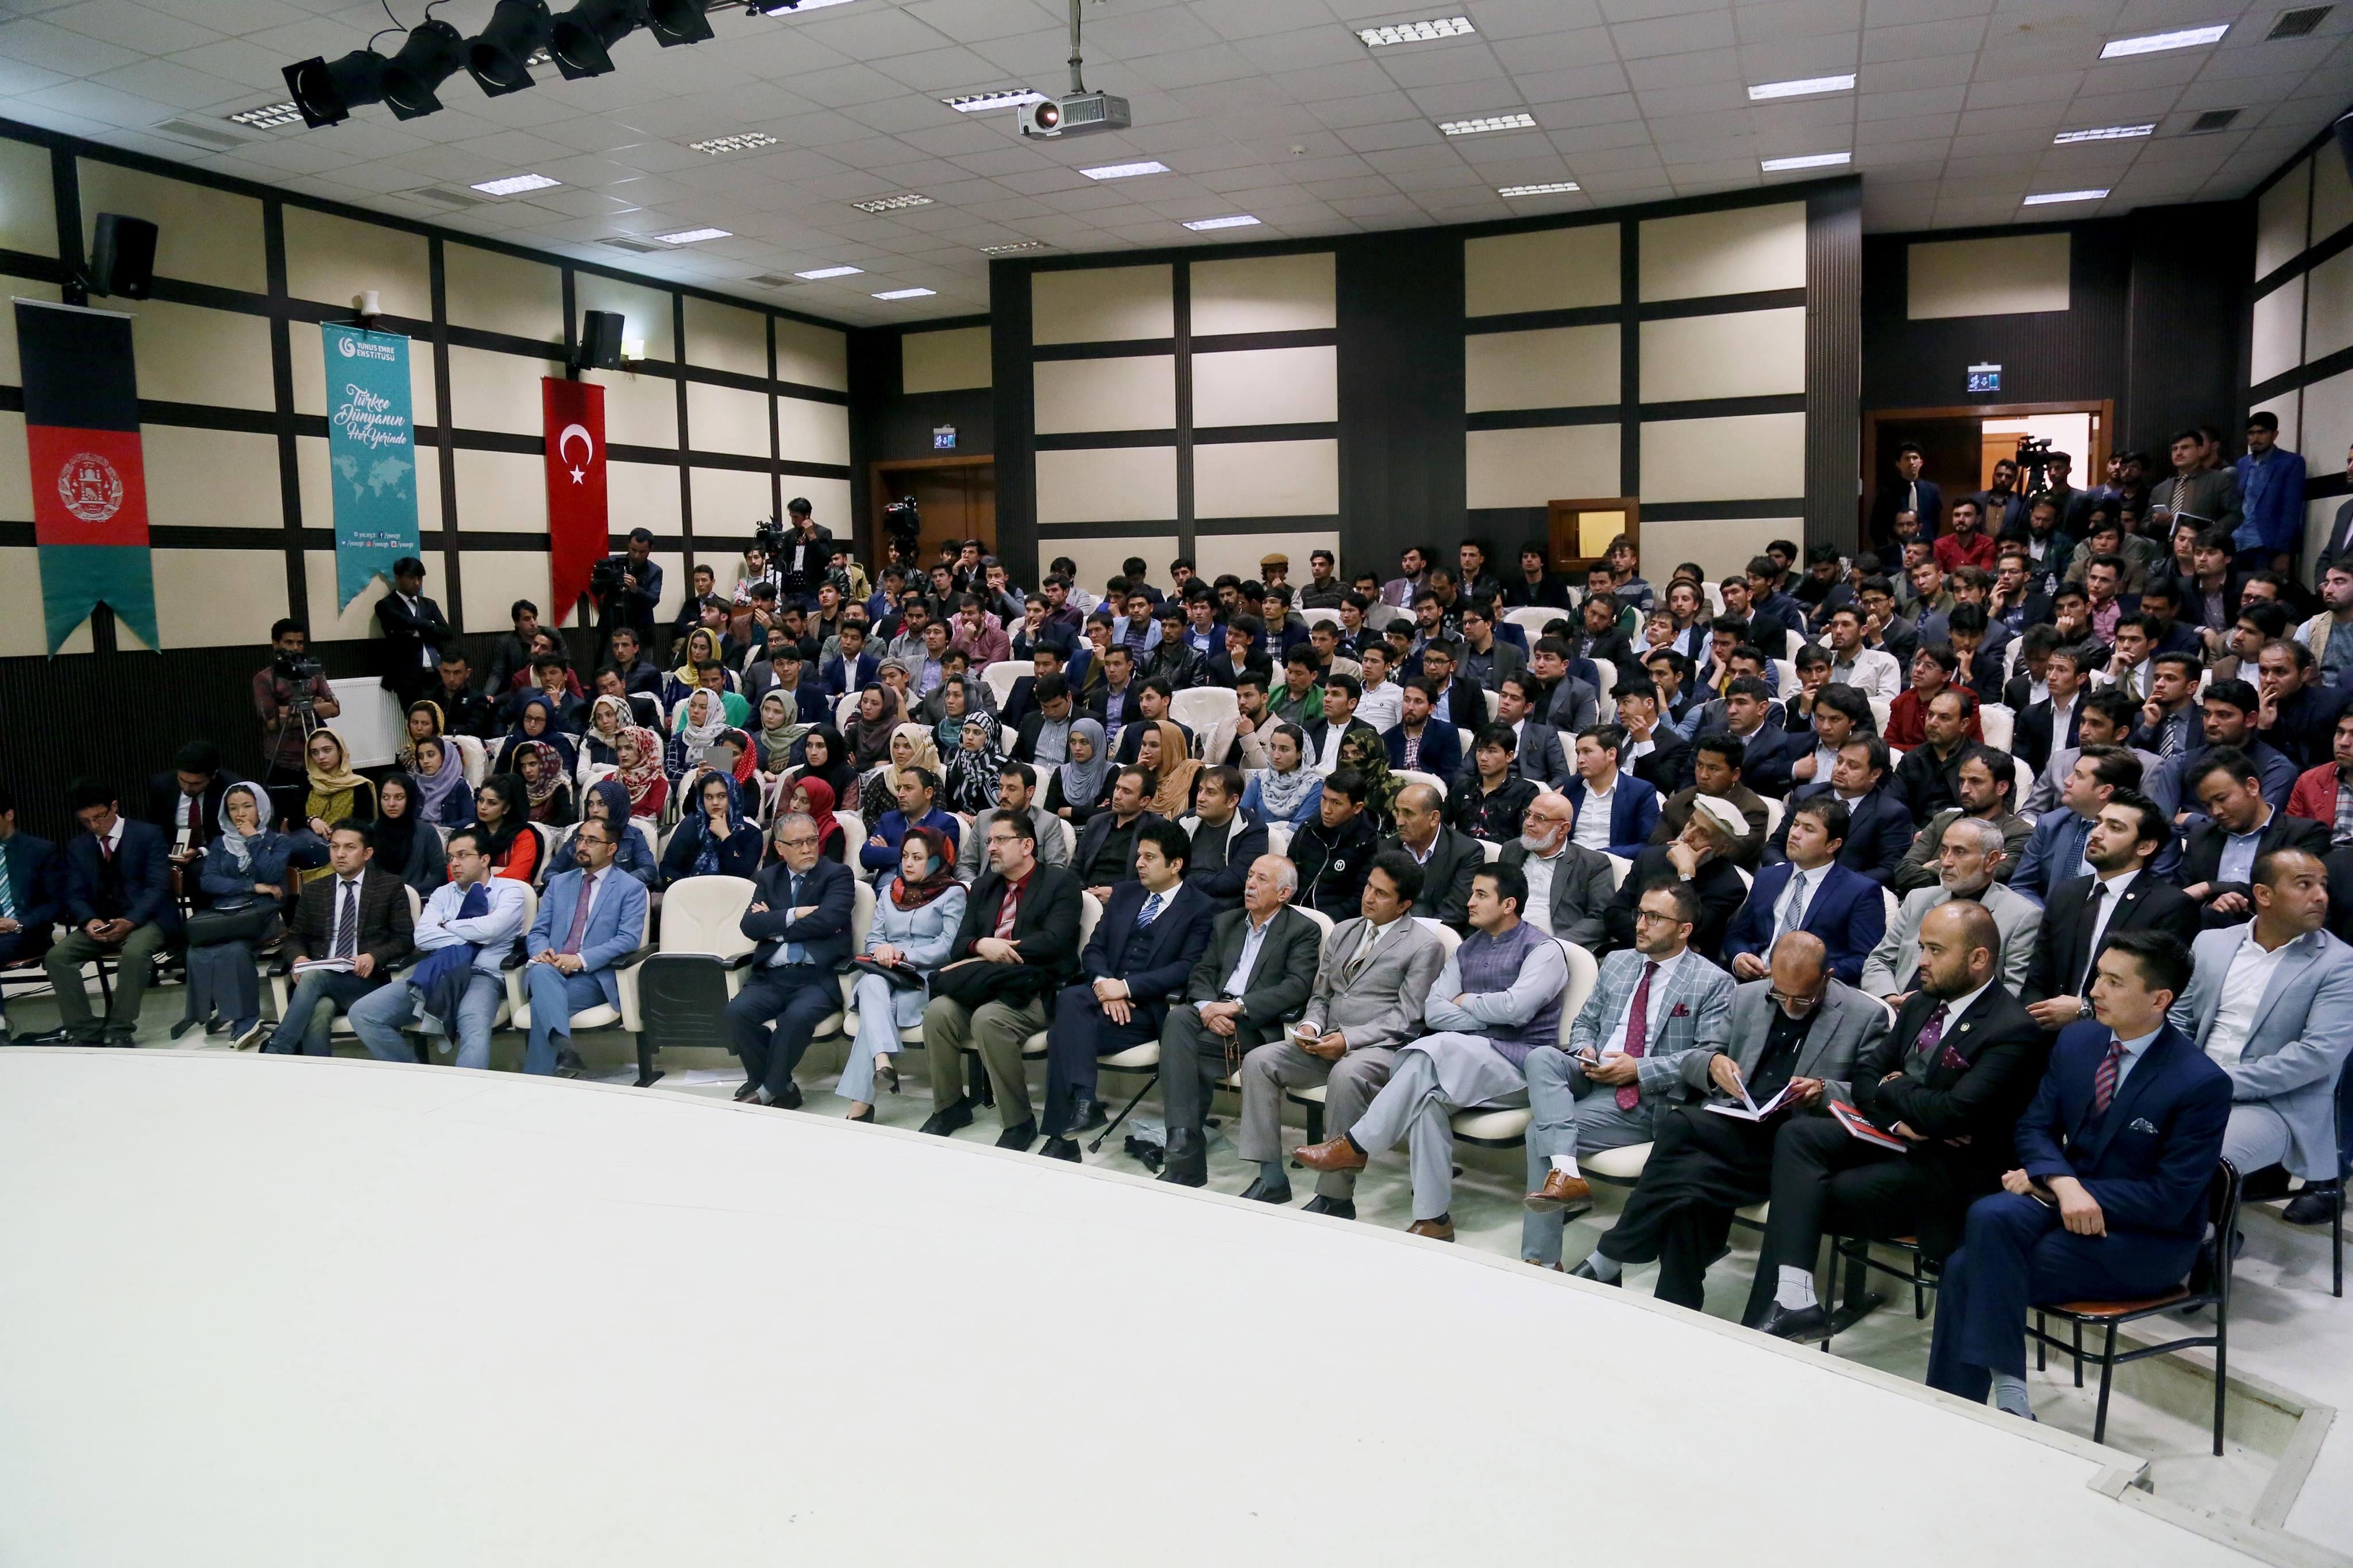 محفل رونمایی کتاب مباحث جدلبرانگیز در دانشگاه کابل